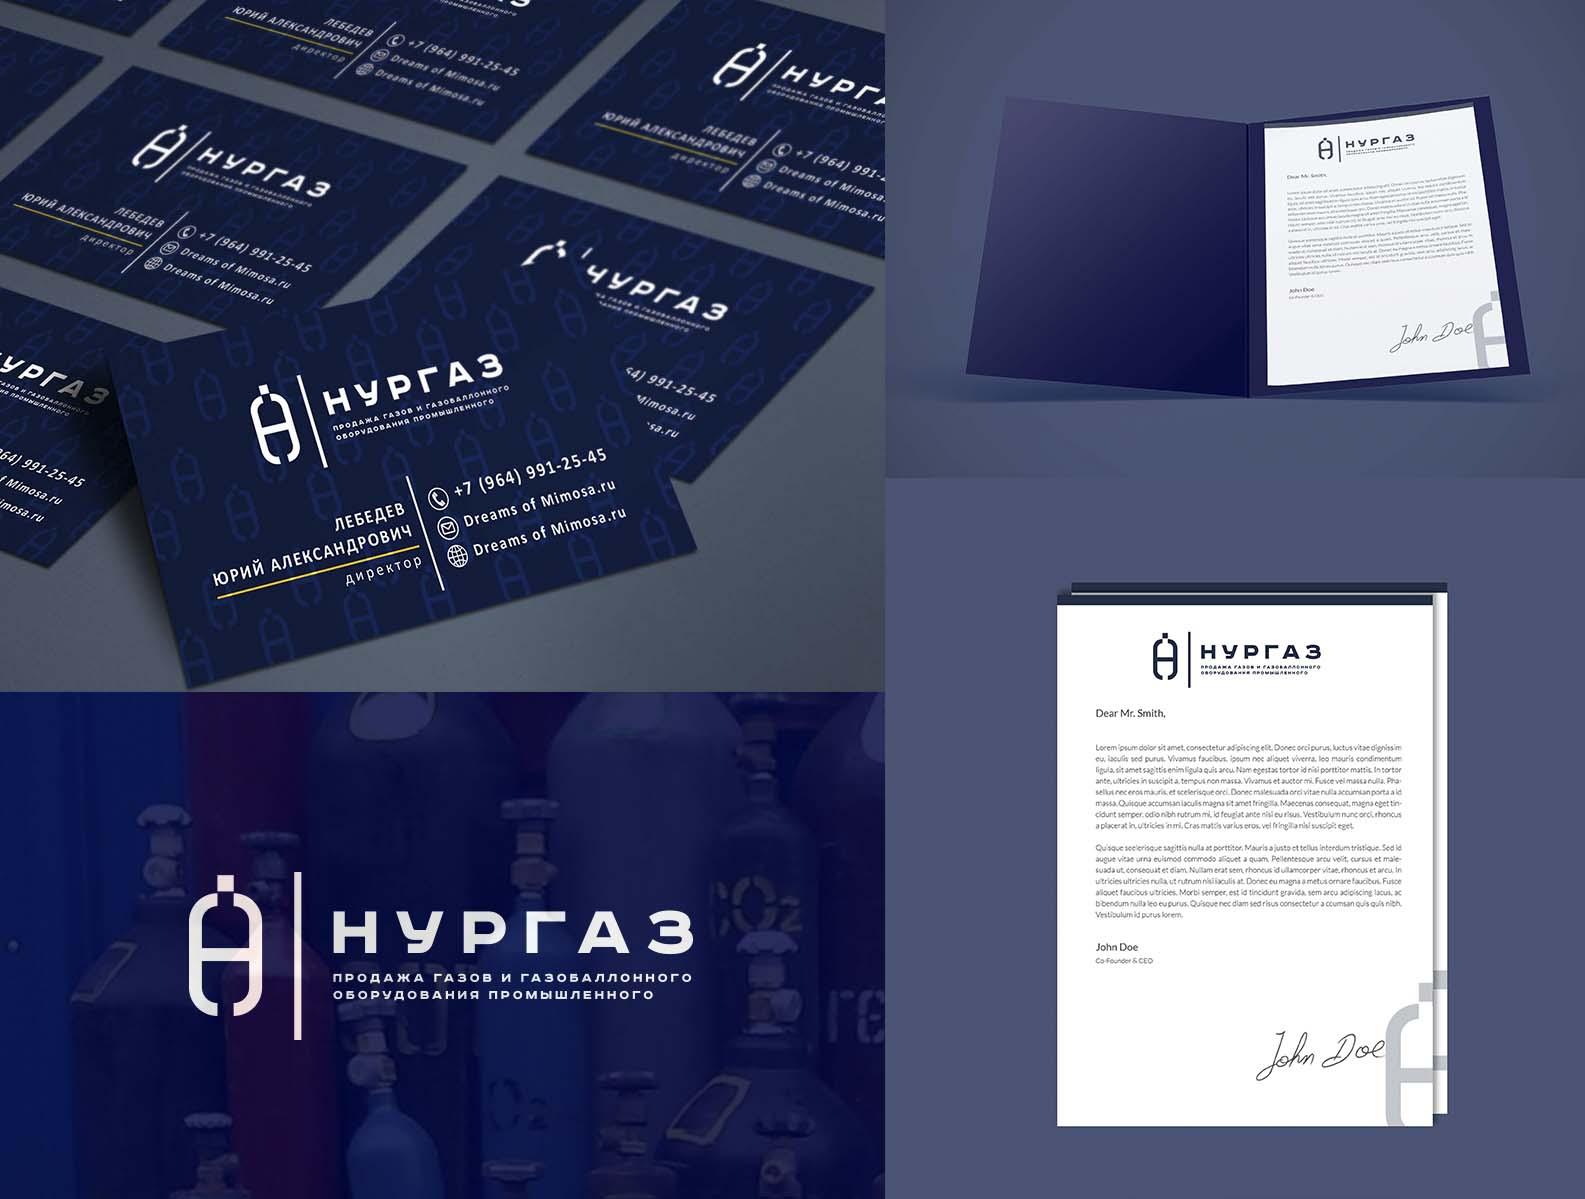 Разработка логотипа и фирменного стиля фото f_1685d9bad1a9b030.jpg